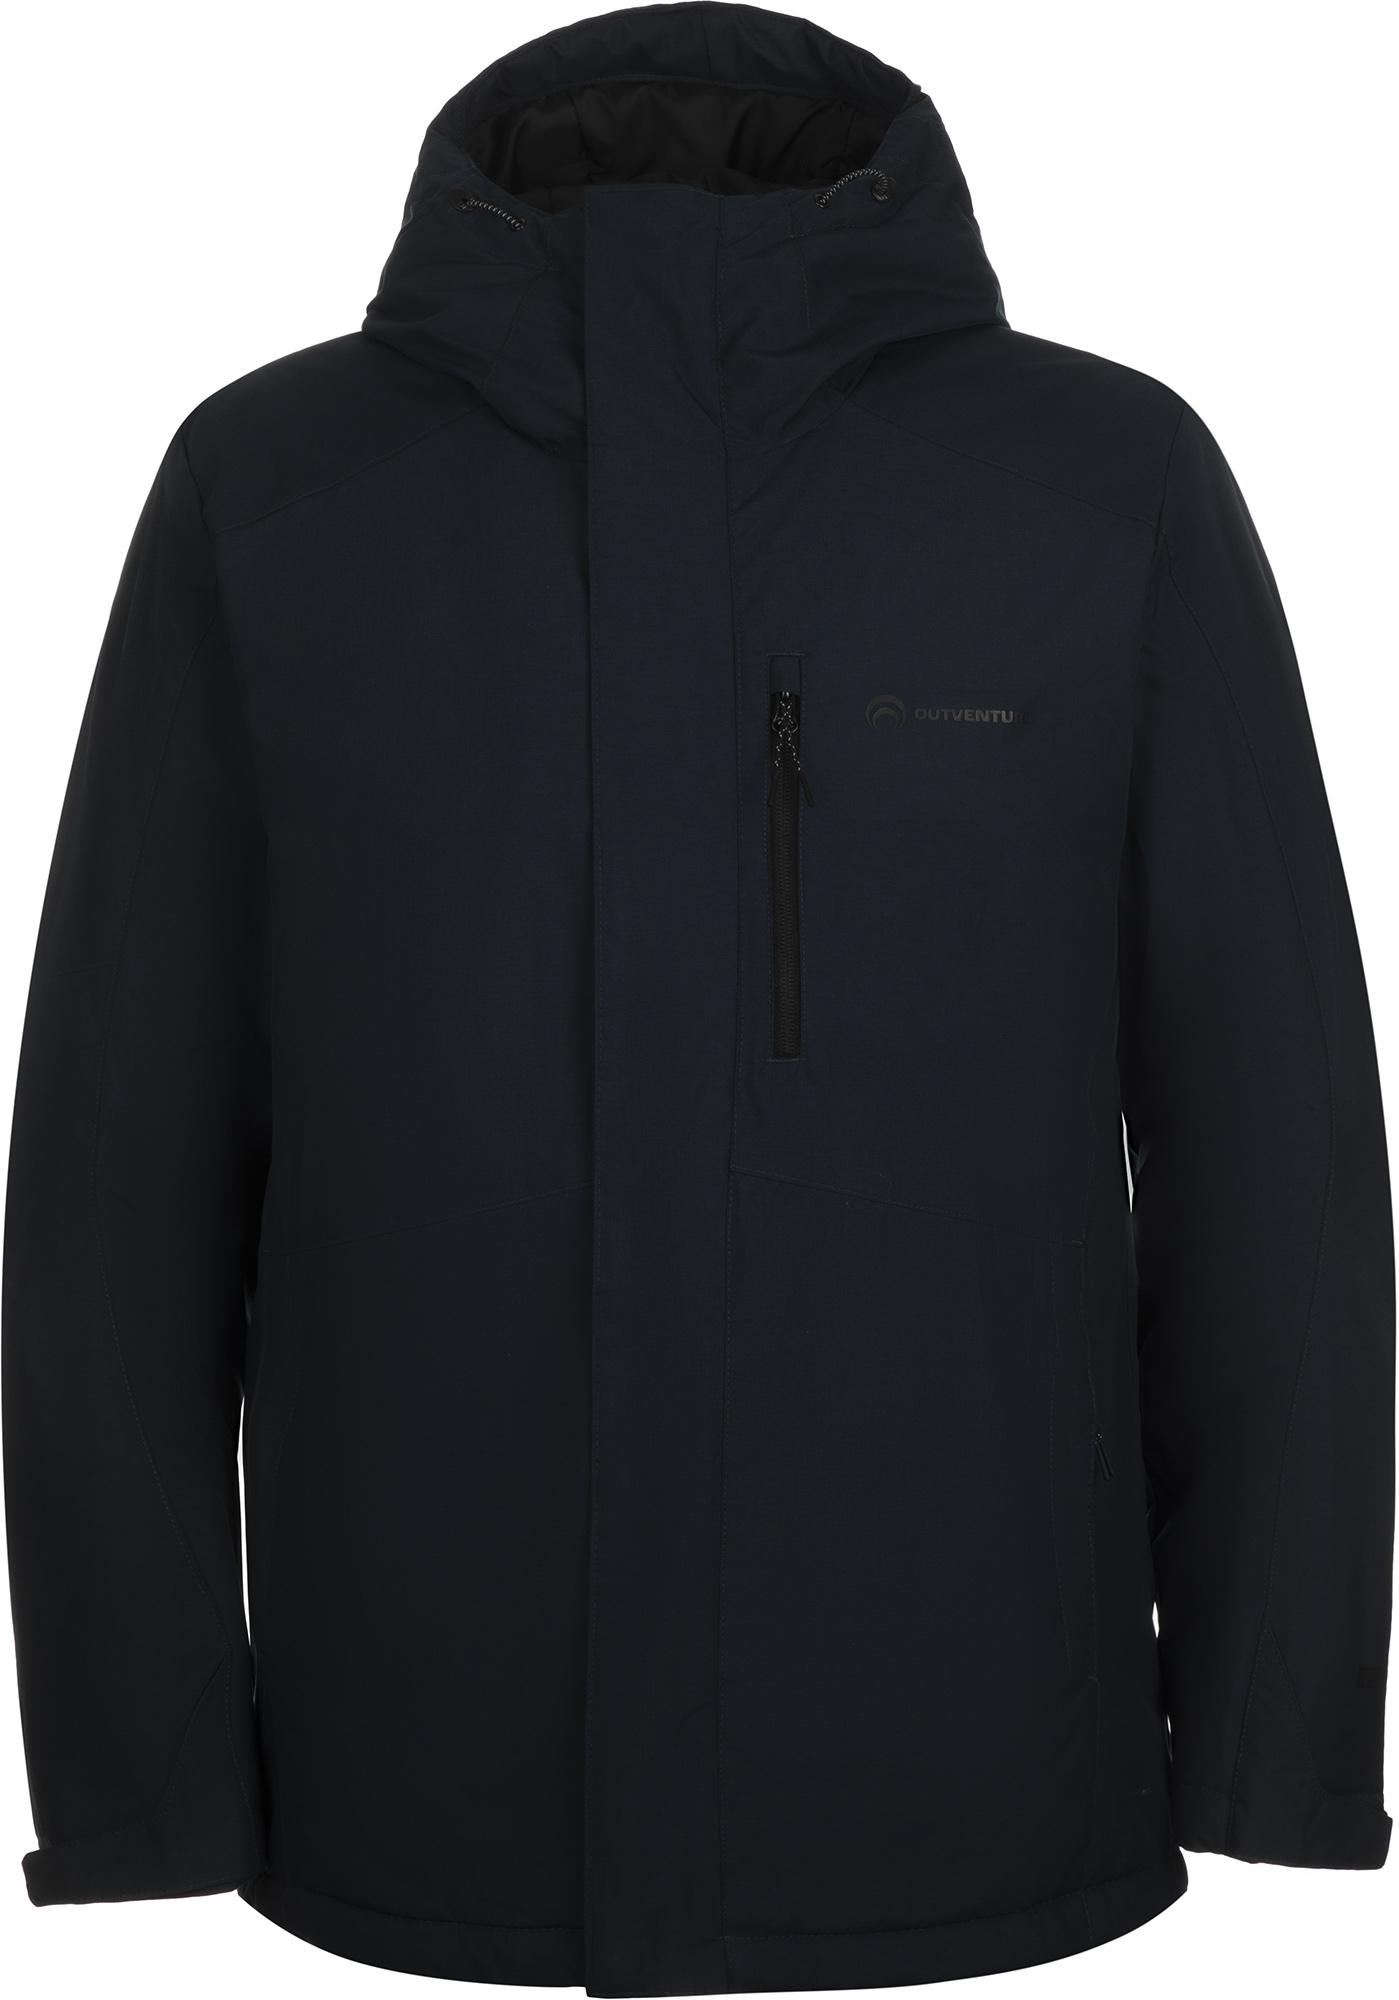 Фото - Outventure Куртка утепленная мужская Outventure, размер 50 outventure куртка утепленная мужская outventure размер 50